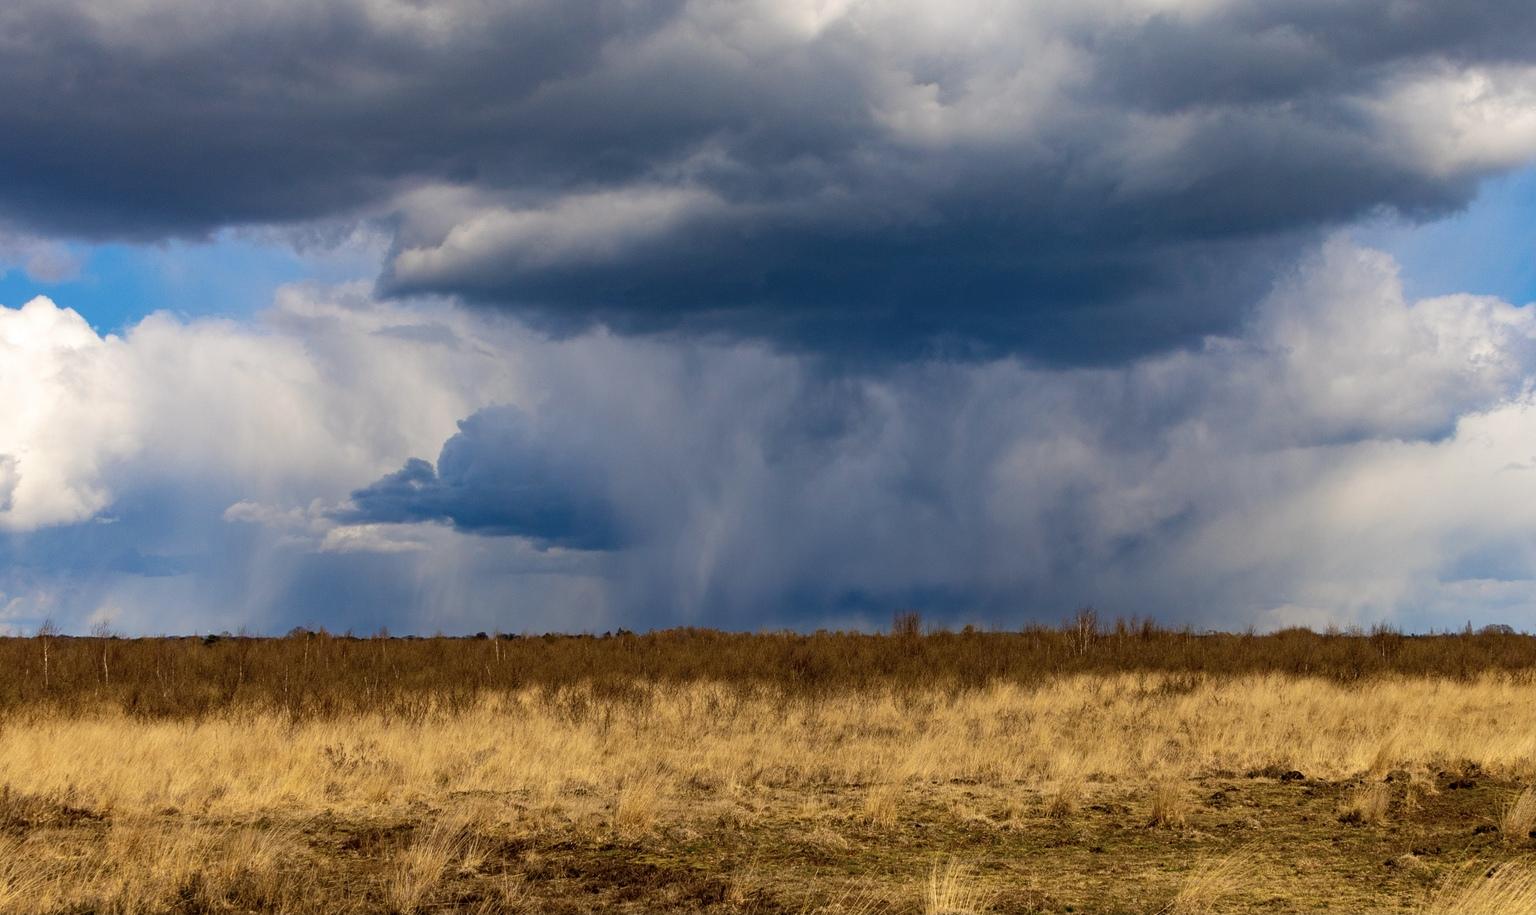 Haaksbergerveen - Dreigende lucht boven het Haaksbergerveen,een hoogveengebied vlakbij de Duitse grens en leefgebied van de adder(Zie vorige foto) - foto door GerardvO op 14-04-2021 - deze foto bevat: wolk, lucht, atmosfeer, fabriek, azuur, natuurlijk landschap, atmosferisch fenomeen, cumulus, horizon, landschap